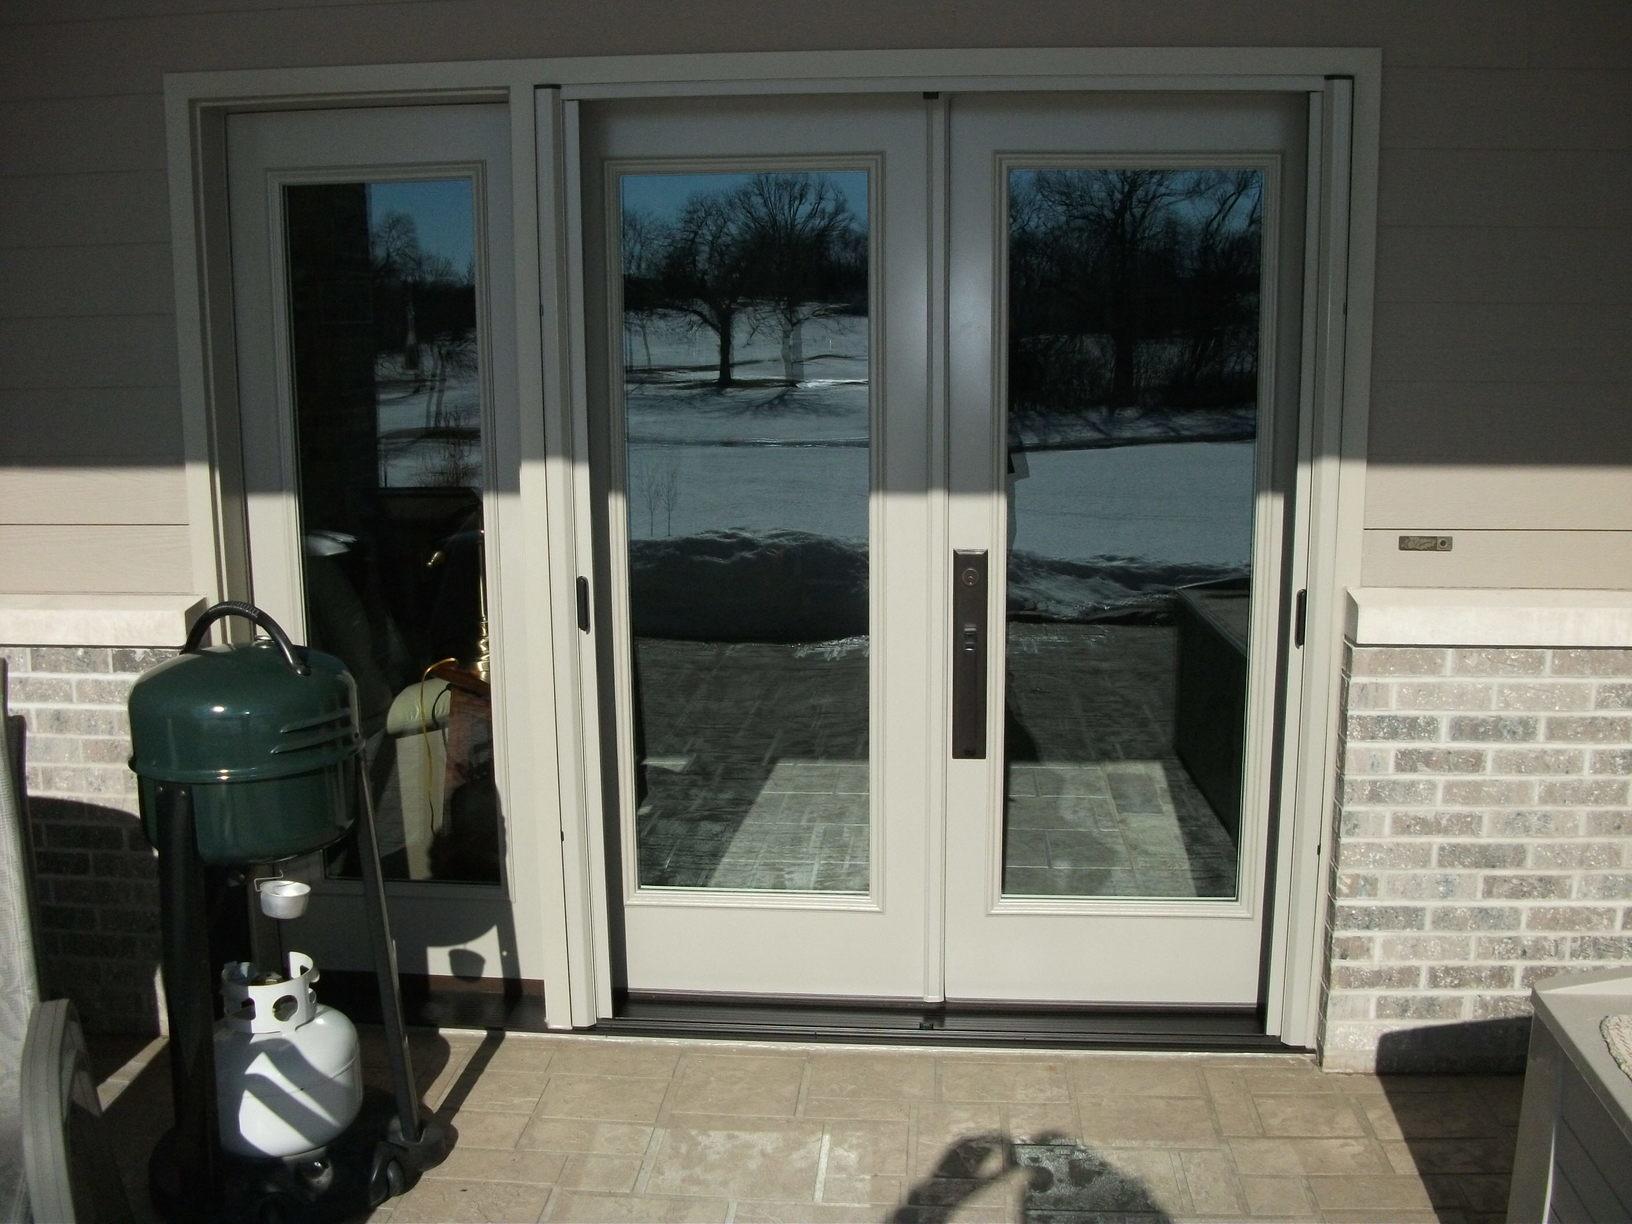 Provia Patio Door - After Photo